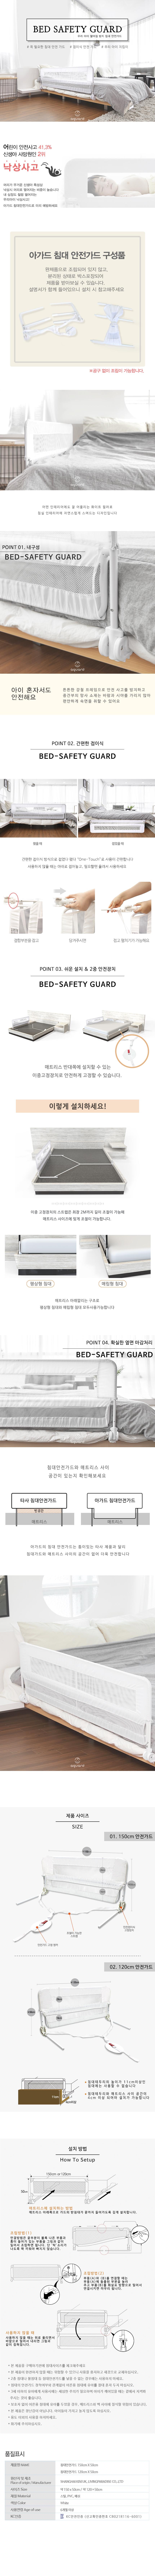 아가드 침대안전가드 대형 150cm 1입 아기안전가드 - 아가드, 49,000원, 위생/안전용품, 가드/보호대